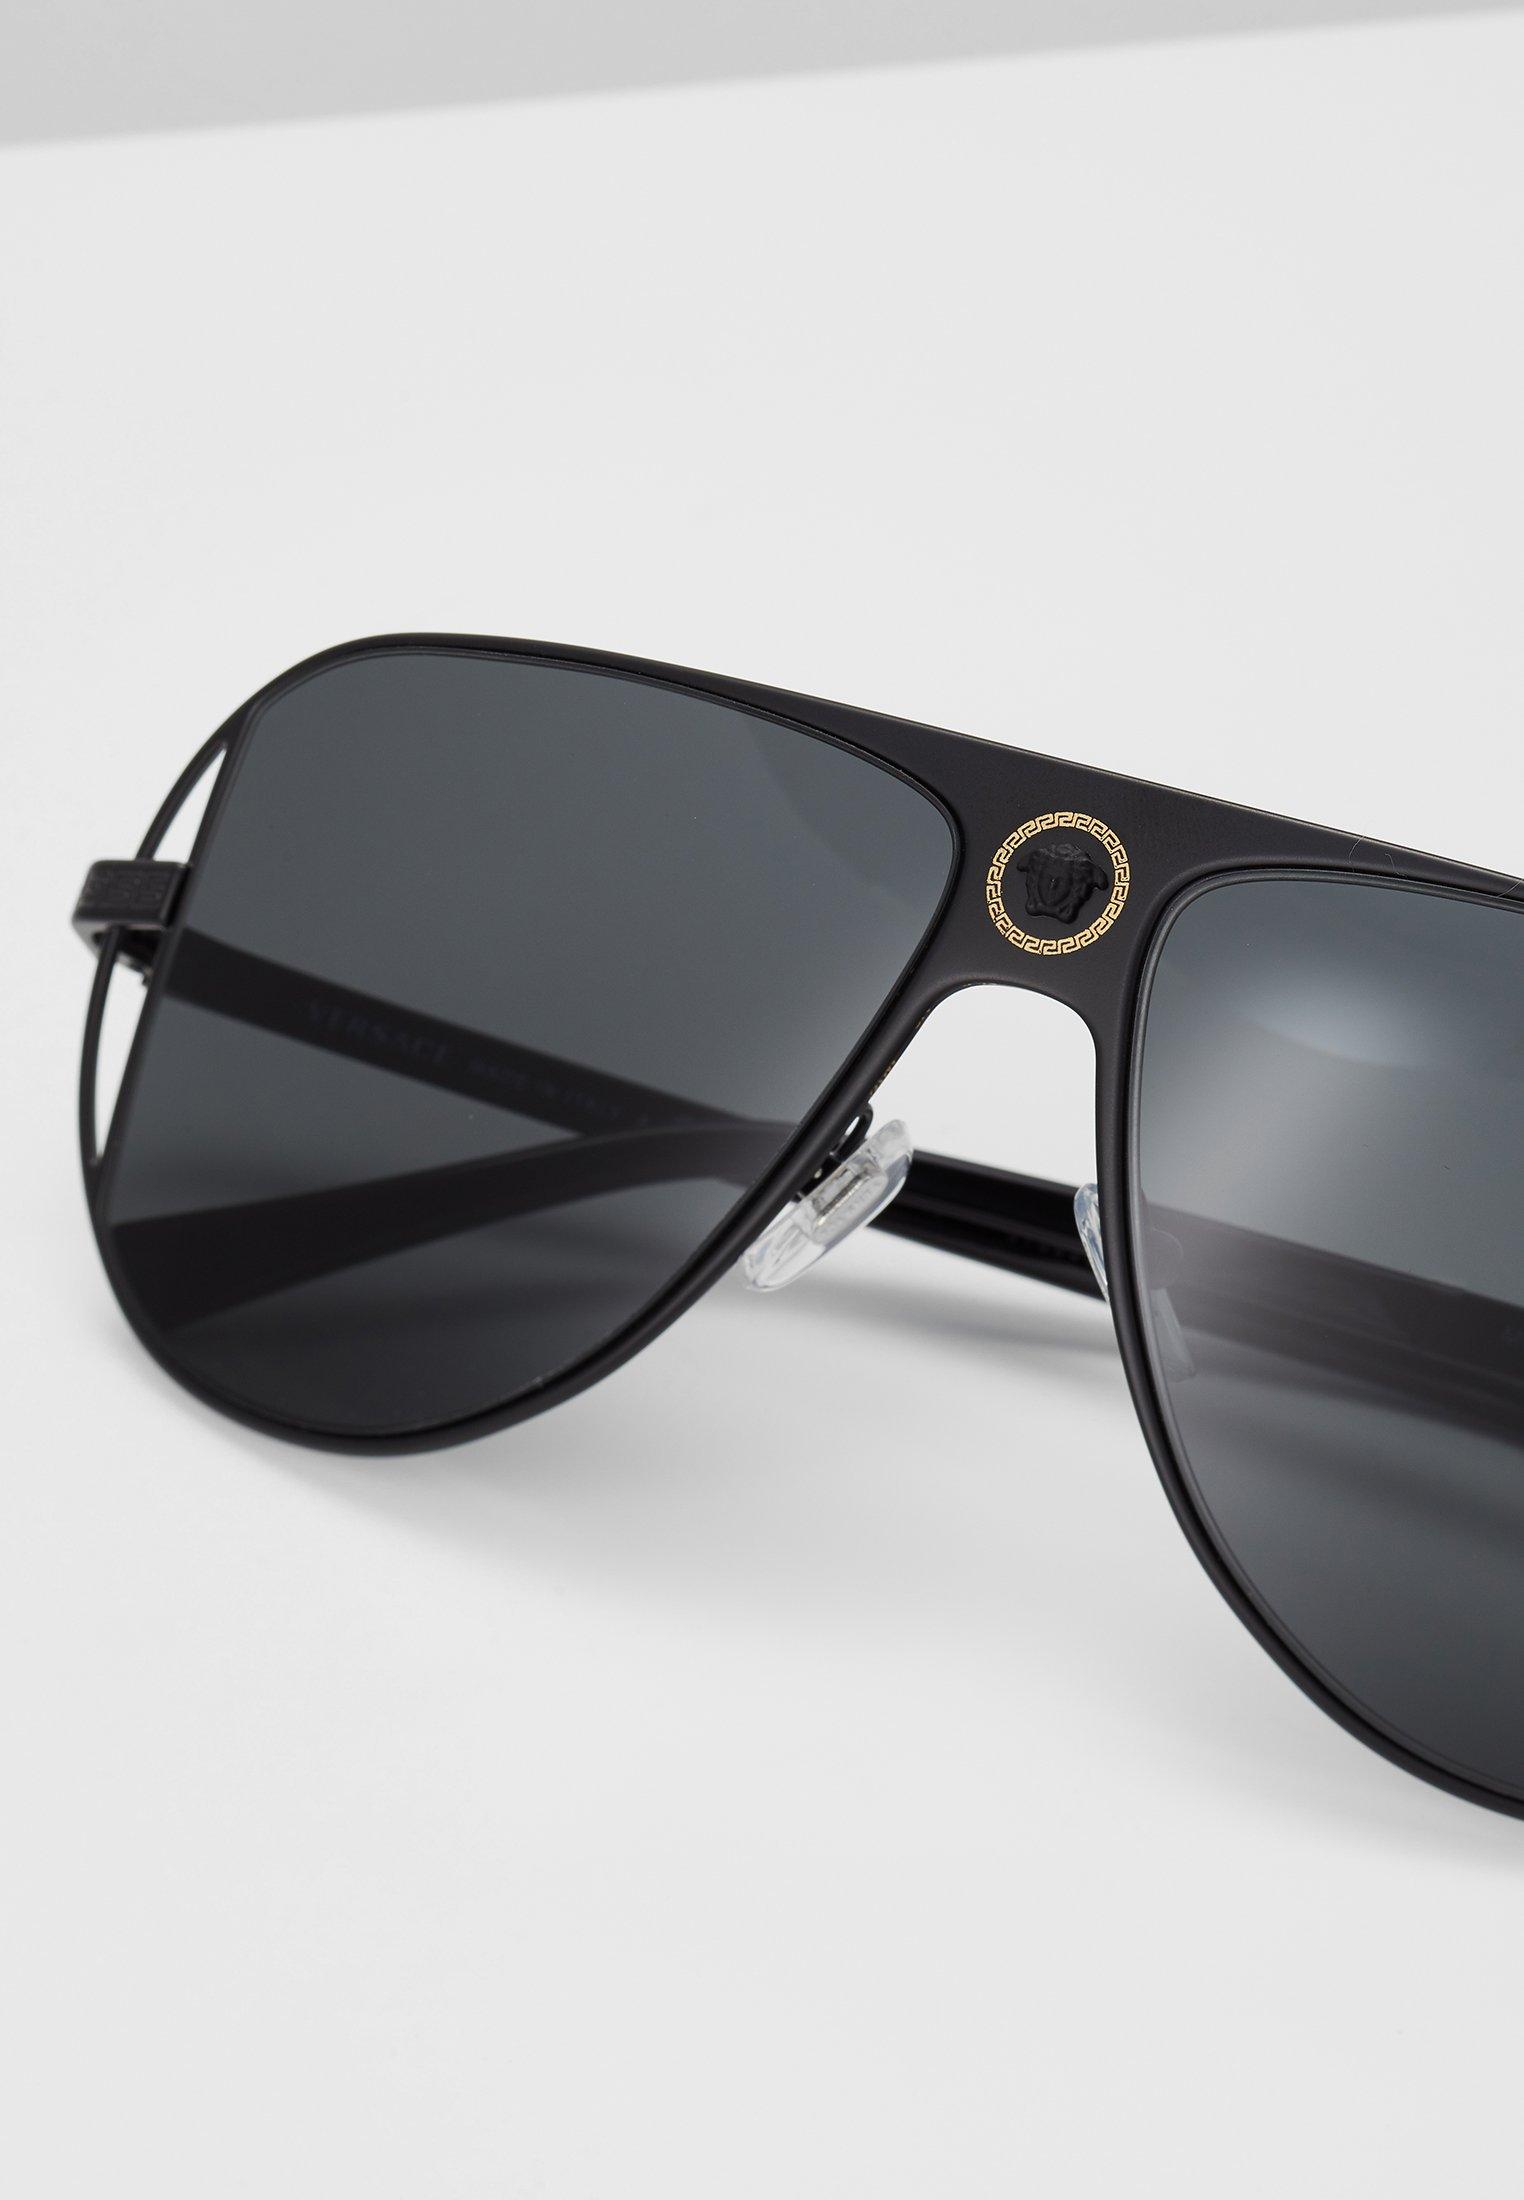 Shop Outlet Versace Sunglasses - black | men's accessories 2020 qtbgp